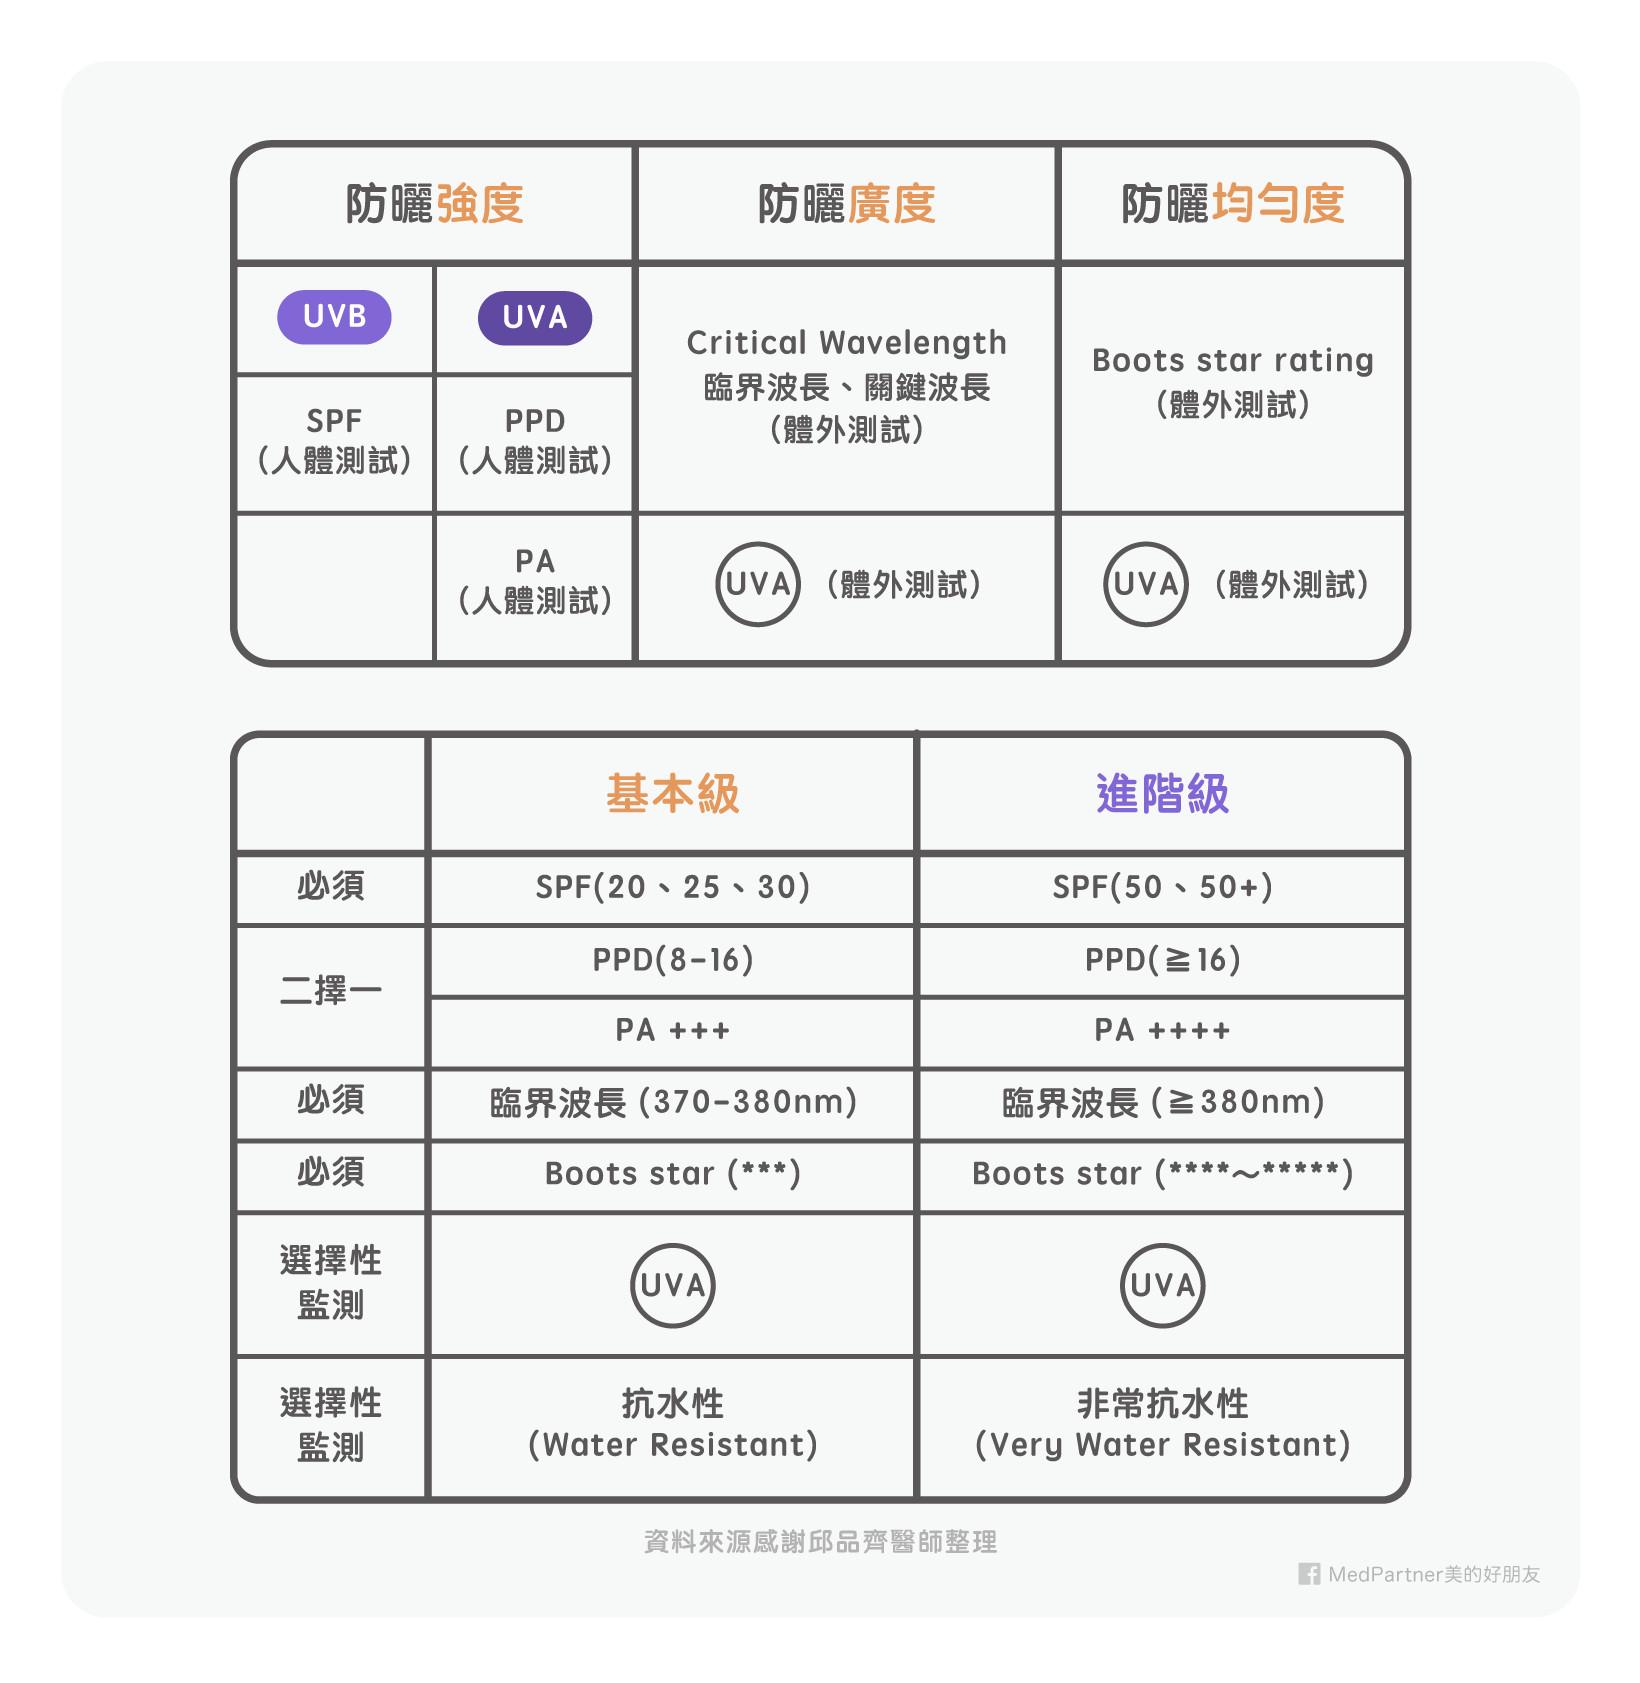 2017「防曬產品」功能檢測評比!(圖/MedPartner 美的好朋友授權提供)